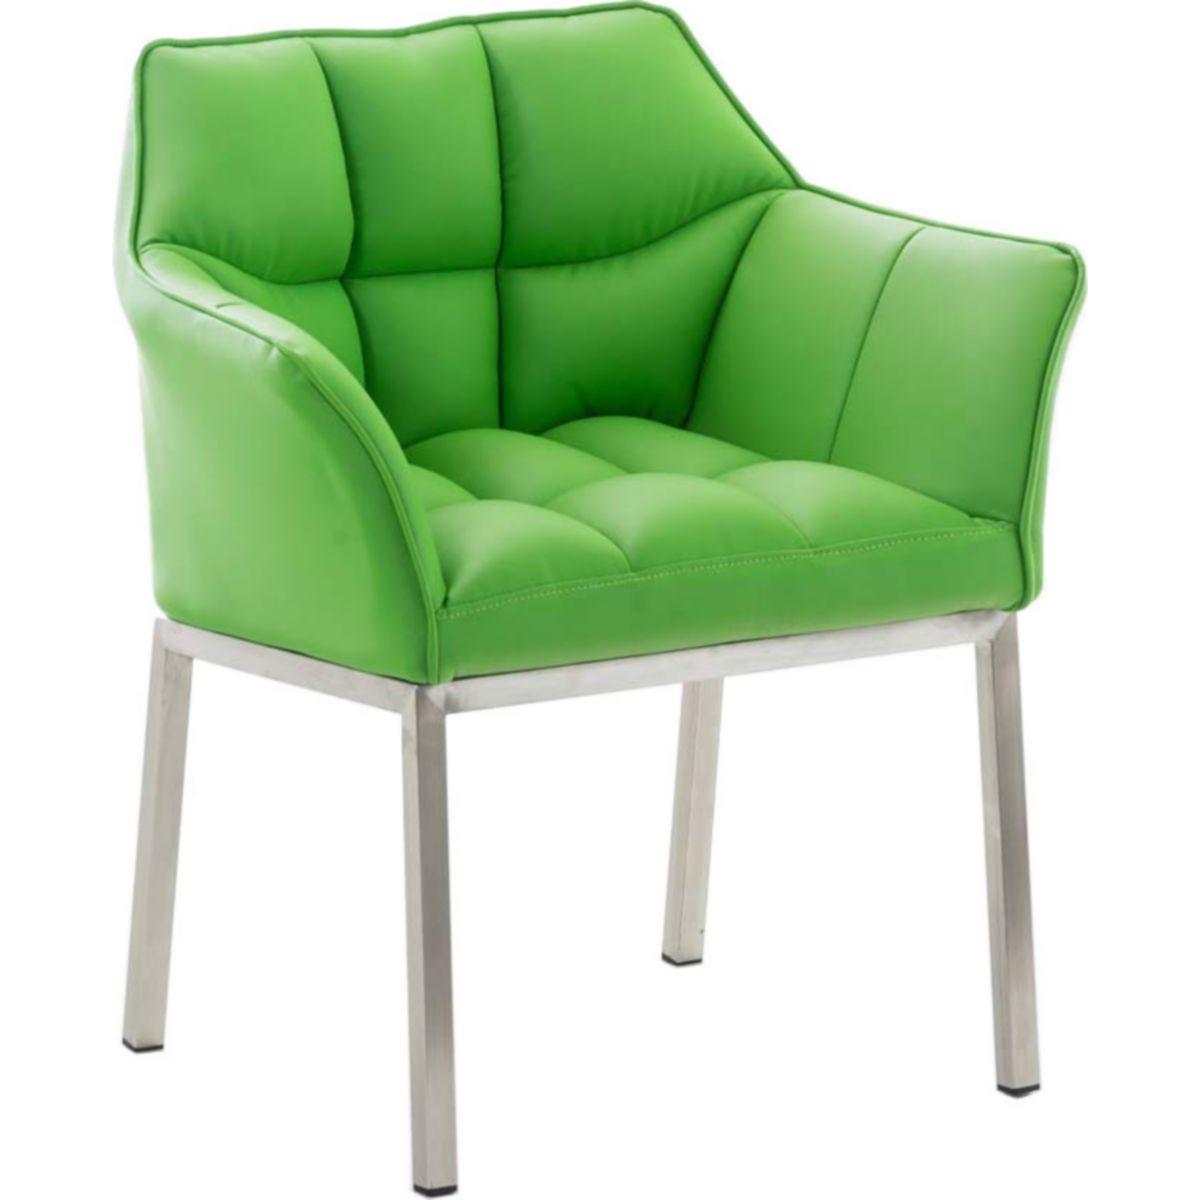 CLP Esszimmerstuhl OCTAVIA mit Armlehne, Clubsessel Kunstlederbezug, Relaxsessel hochwertiger Polsterung, in verschiedenen Farben erhältlich, Sitzhöhe 49 cm jetztbilligerkaufen